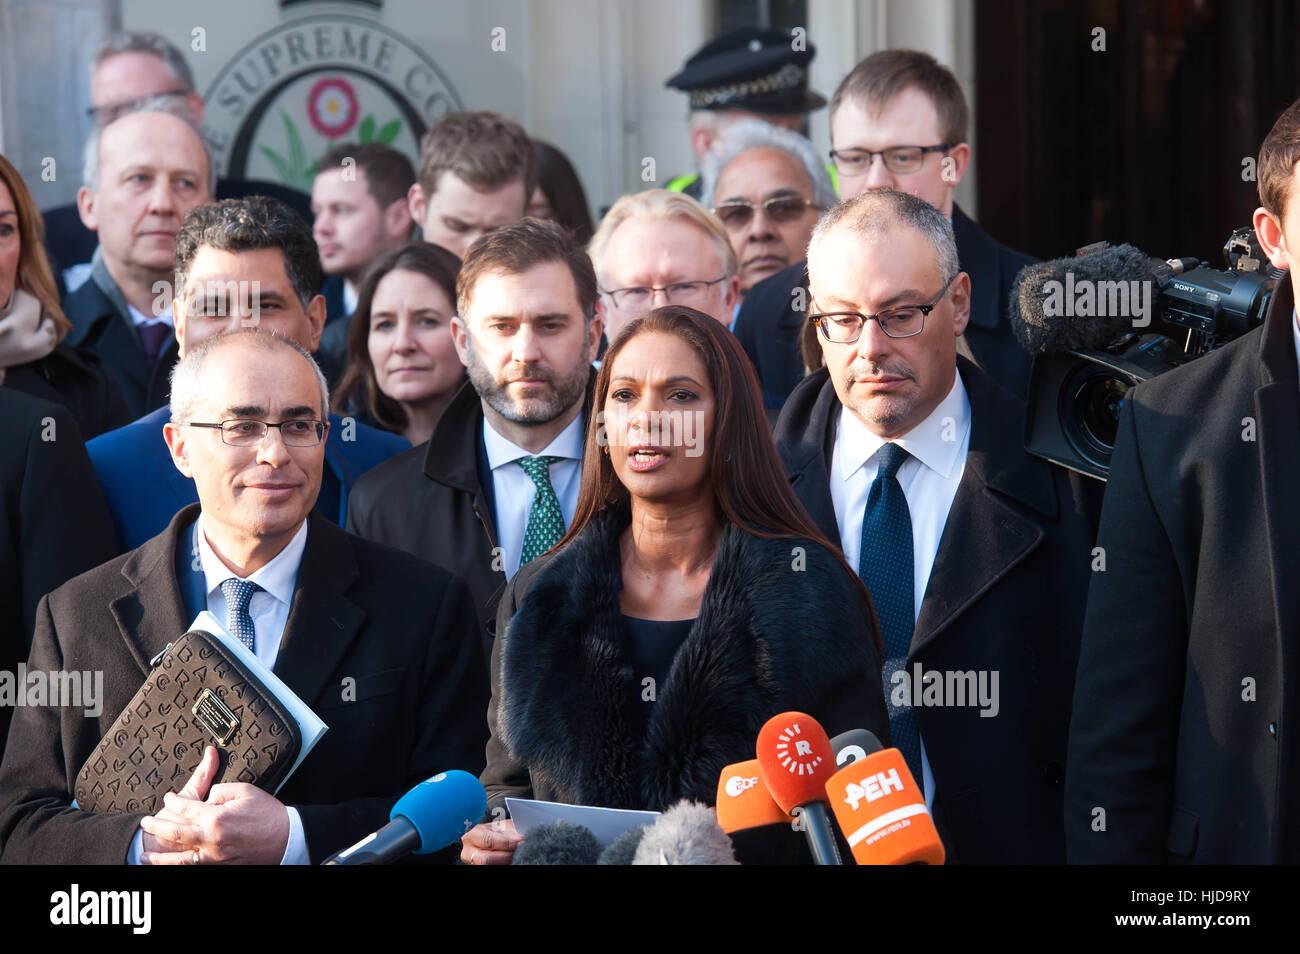 London, UK. 24. Januar 2017.Gina Miller im Gespräch nach der oberste Gerichtshof wies die Regierung Beschwerde in Stockfoto